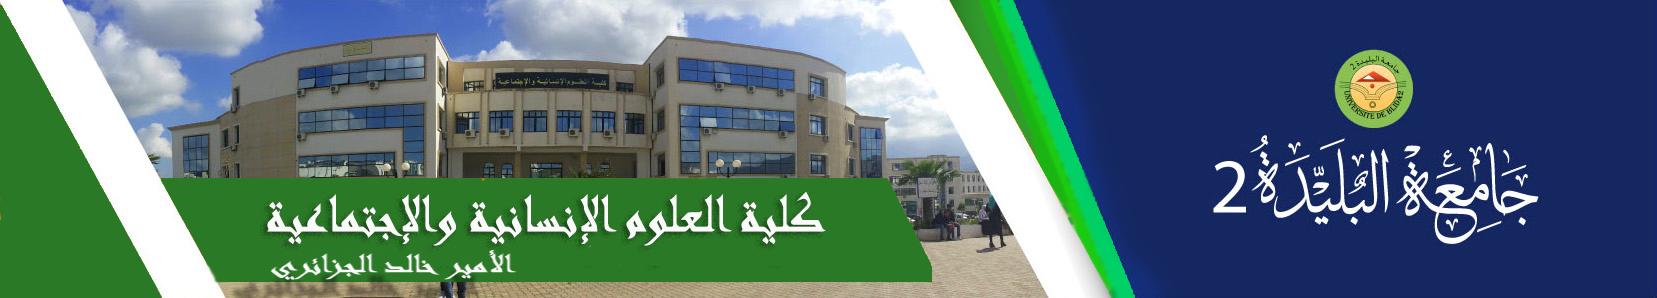 كلية العلوم الإنسانية و الإجتماعية